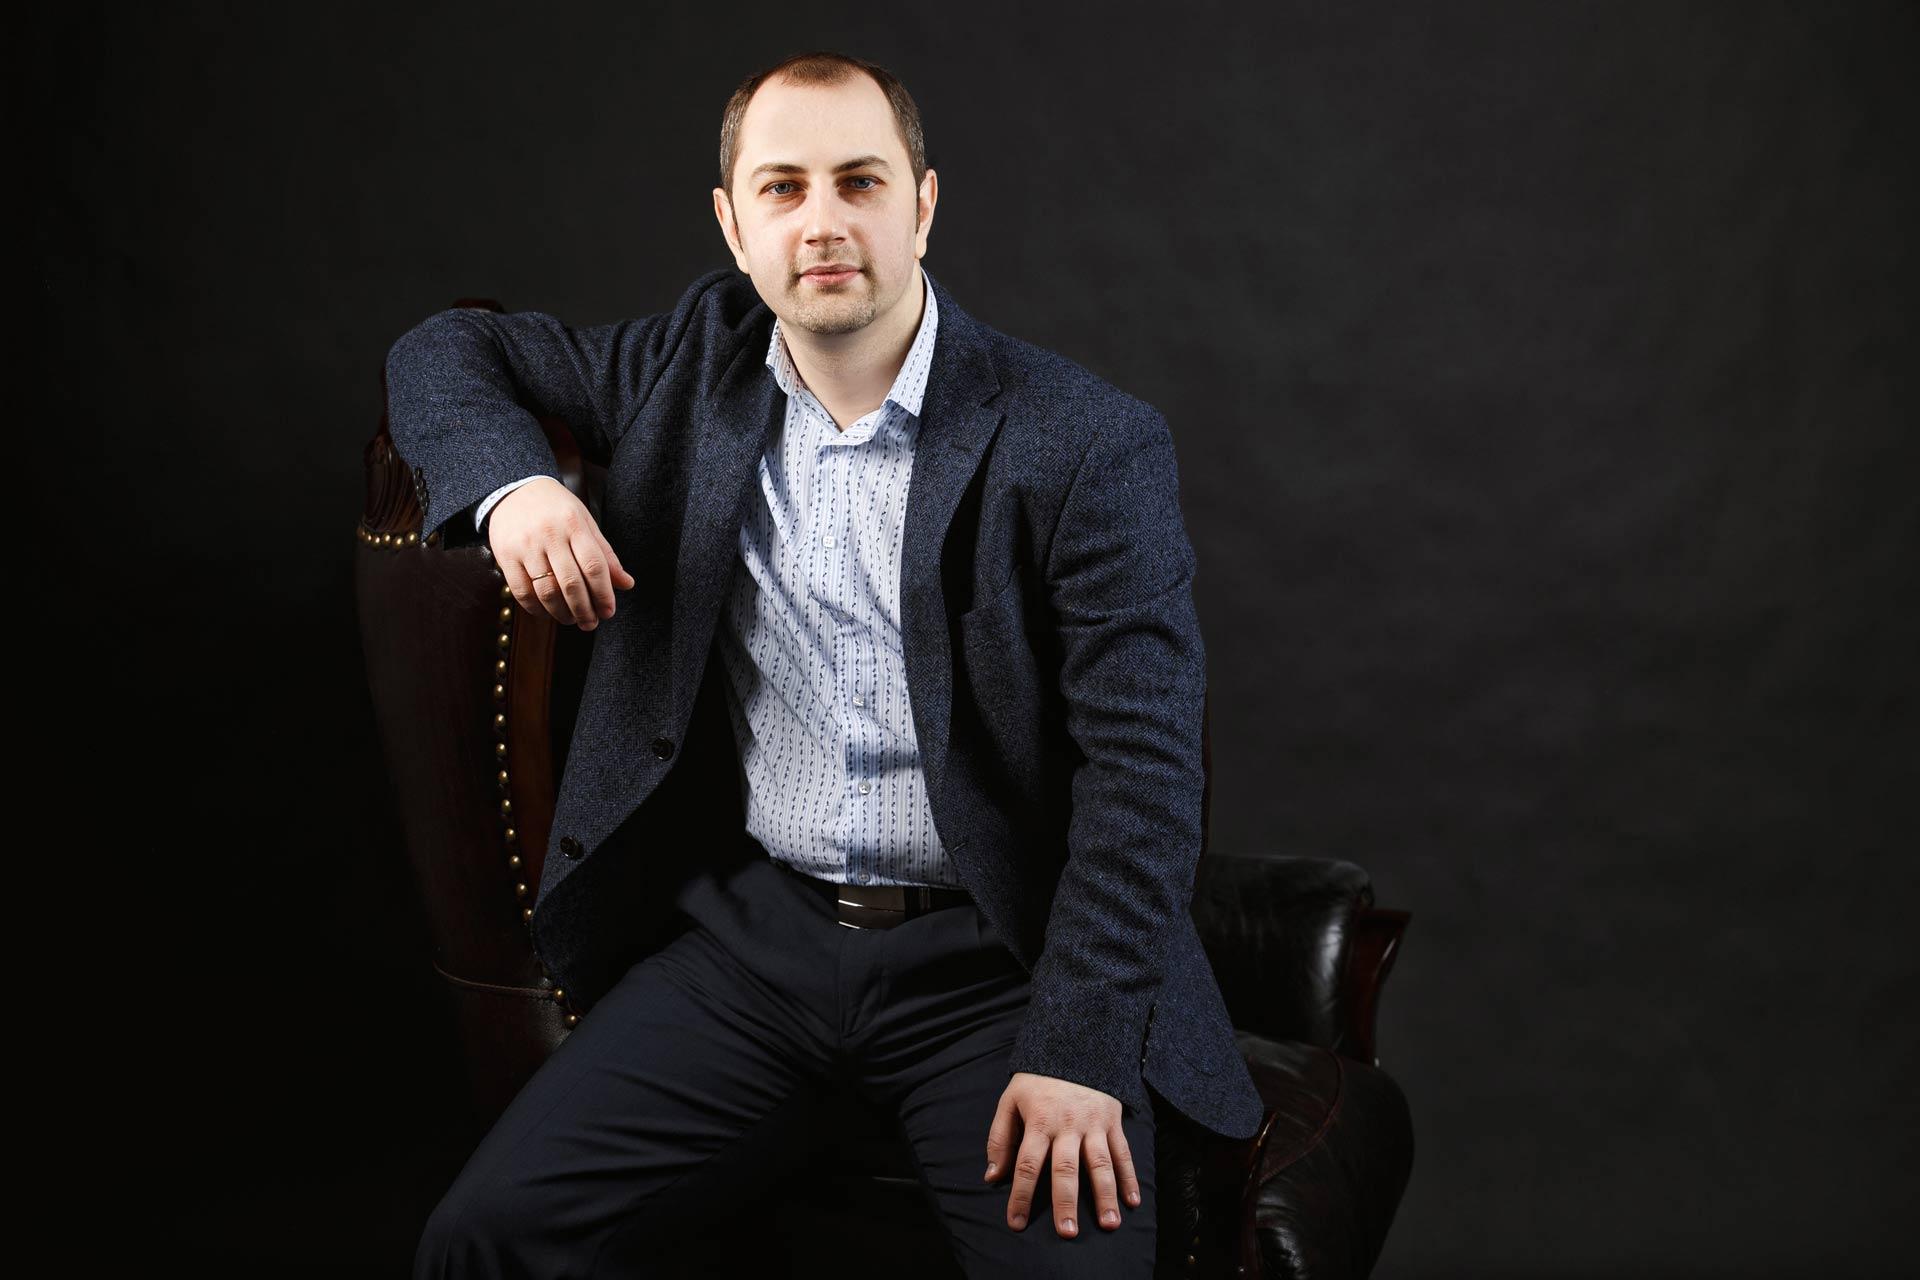 Андрей Куршубадзе - специалист по внедрению изменений, бизнес-тренер по маржинальным продажам